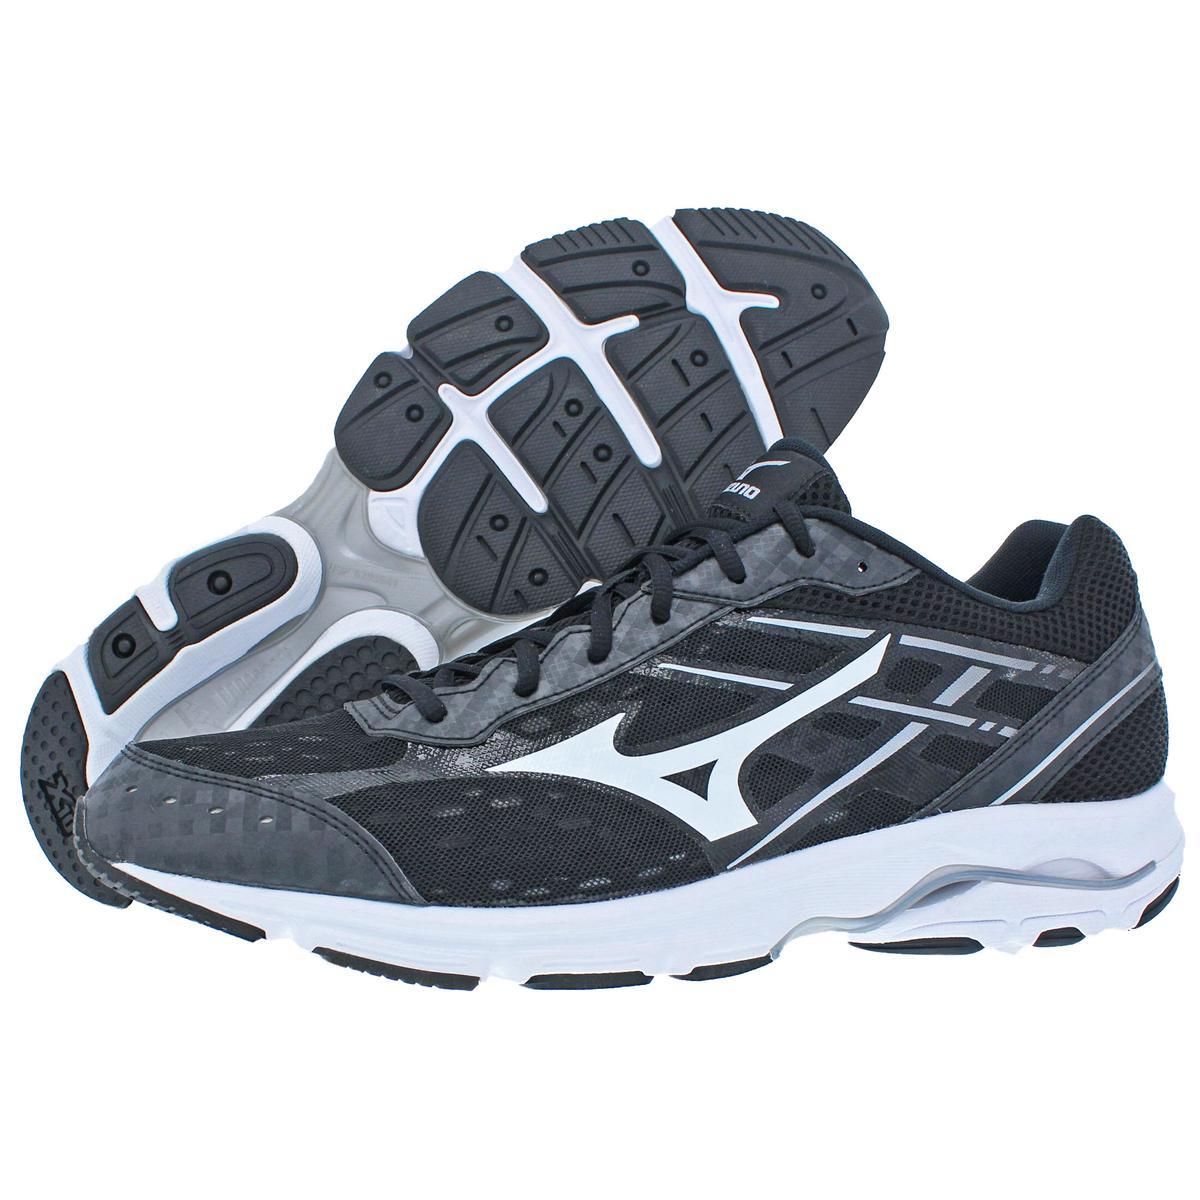 Mizuno Uomo ondata unire facendo 2 facendo unire correre, la formazione delle scarpe bhfo 2423 80cd57